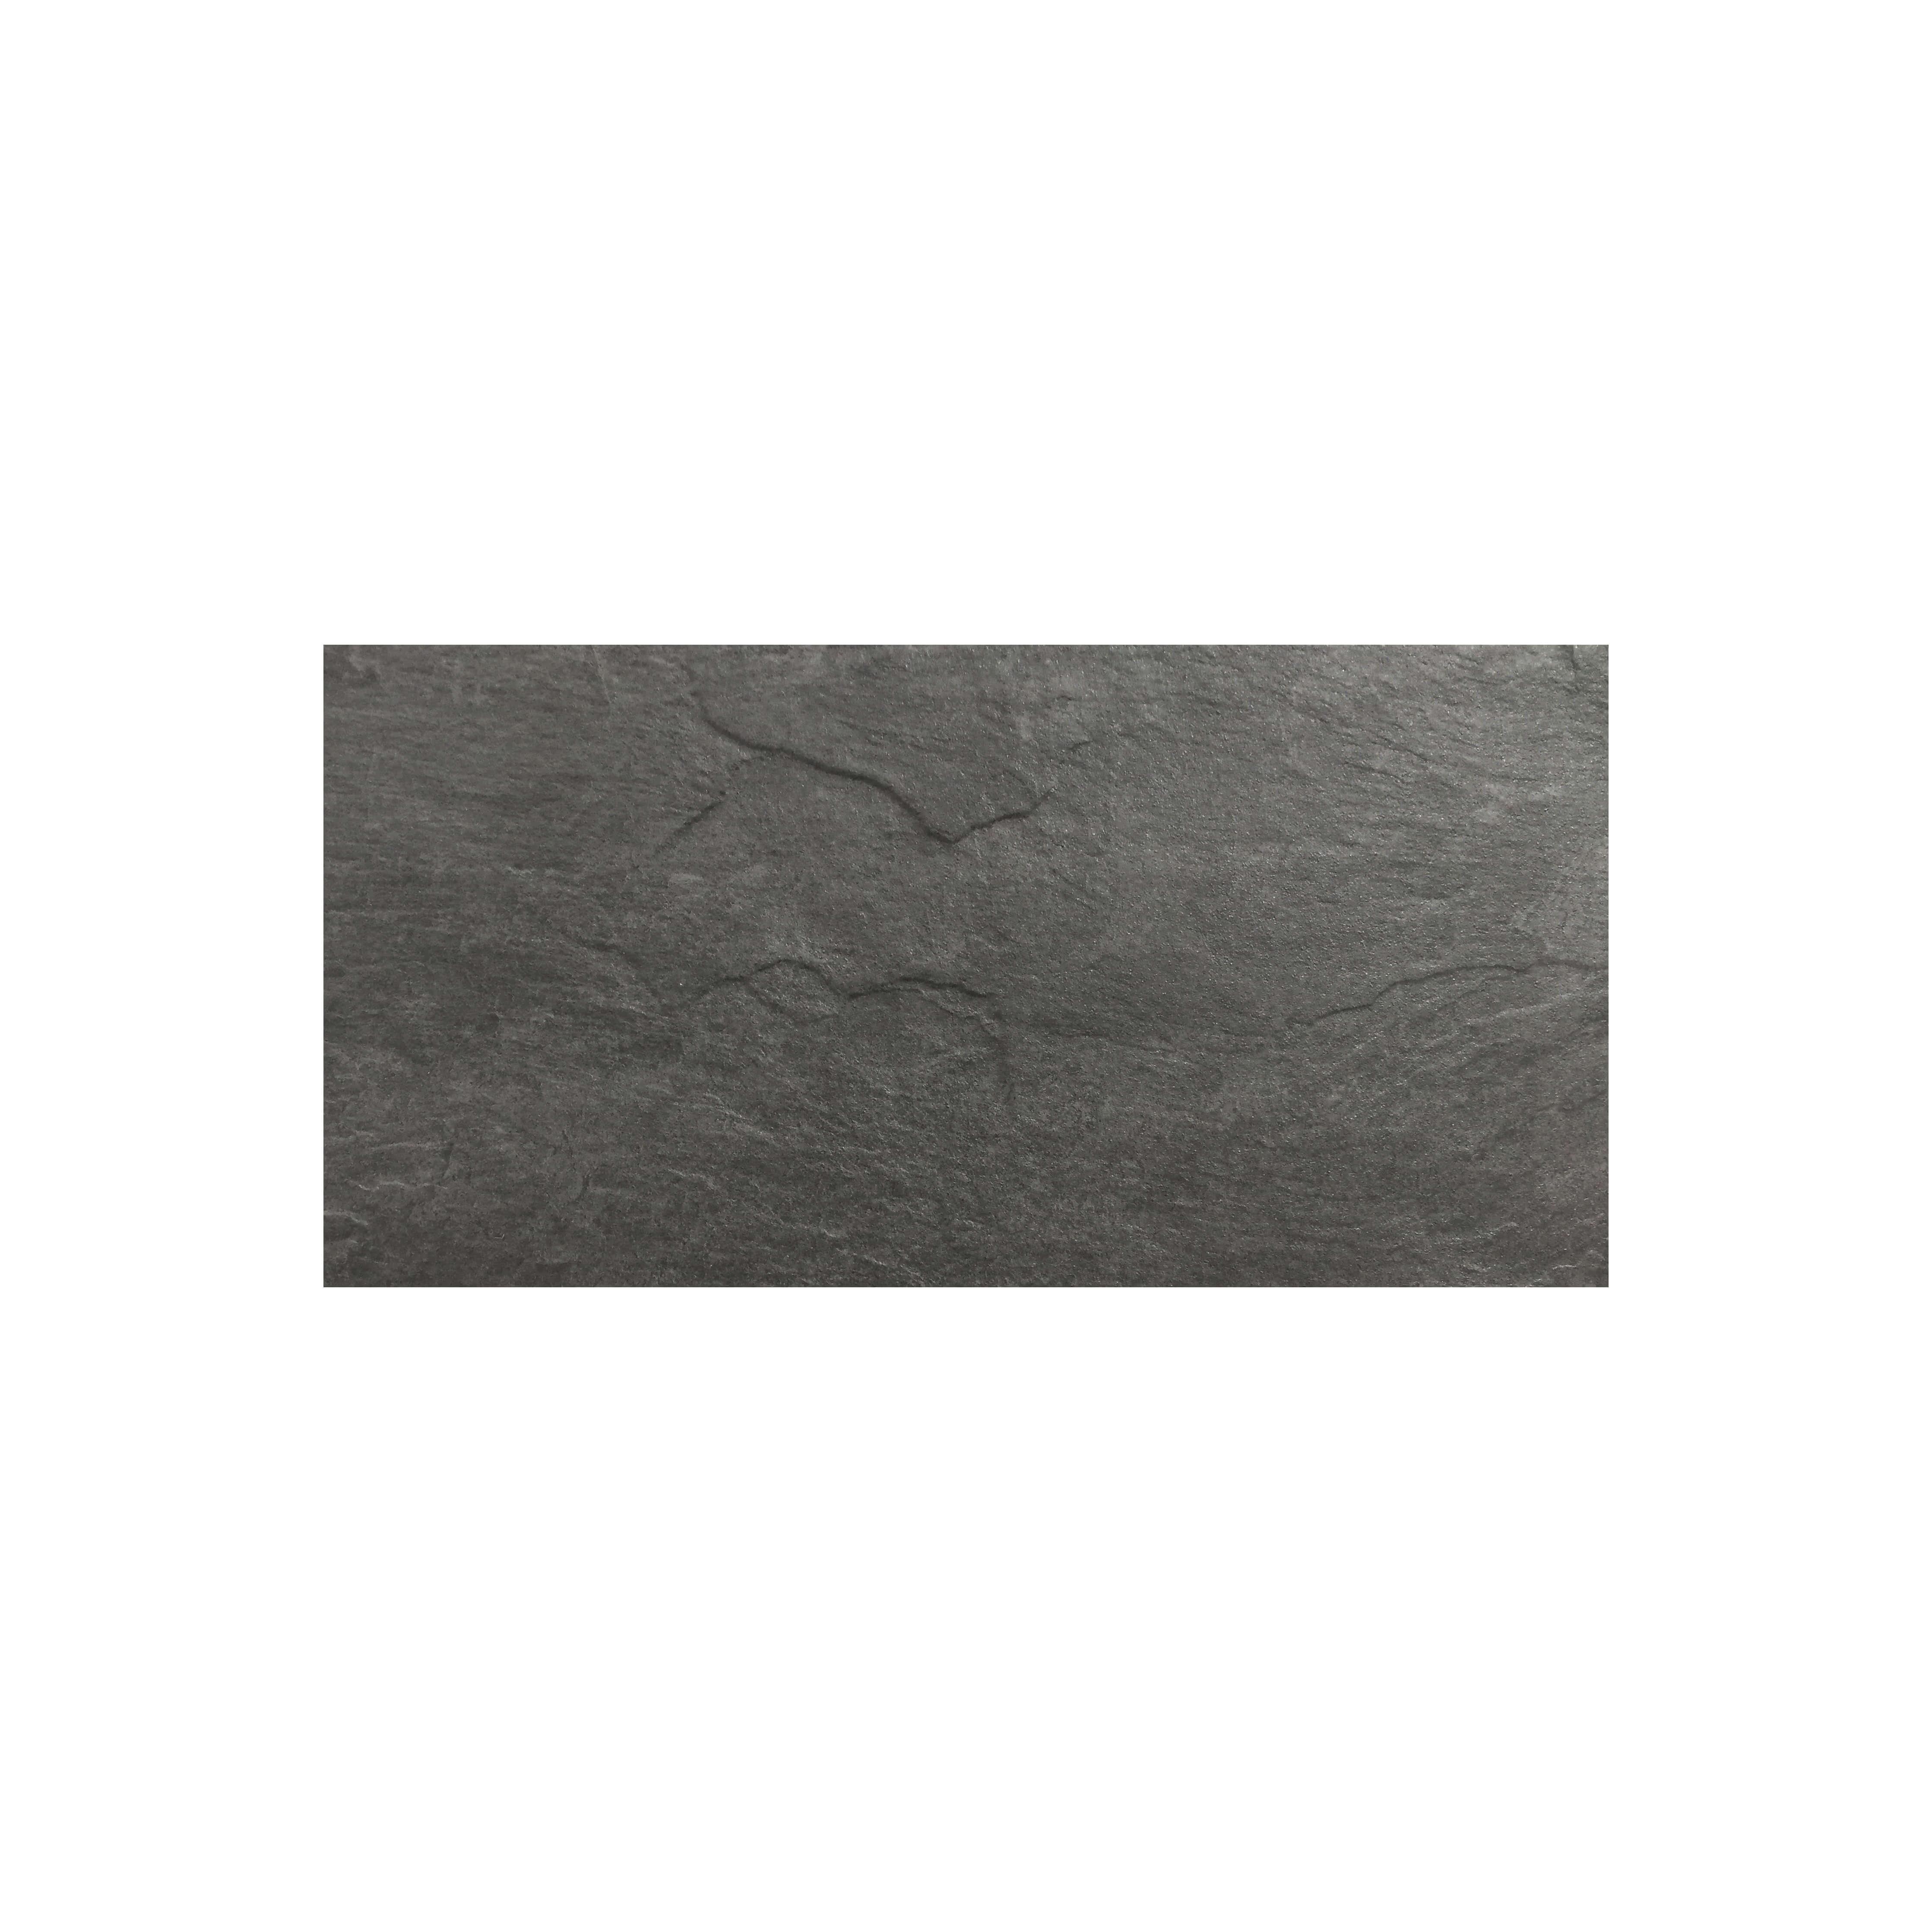 Carrelage sol et mur extérieur aspect ardoise anthracite Brio Ardoise antidérapant 30x60 cm